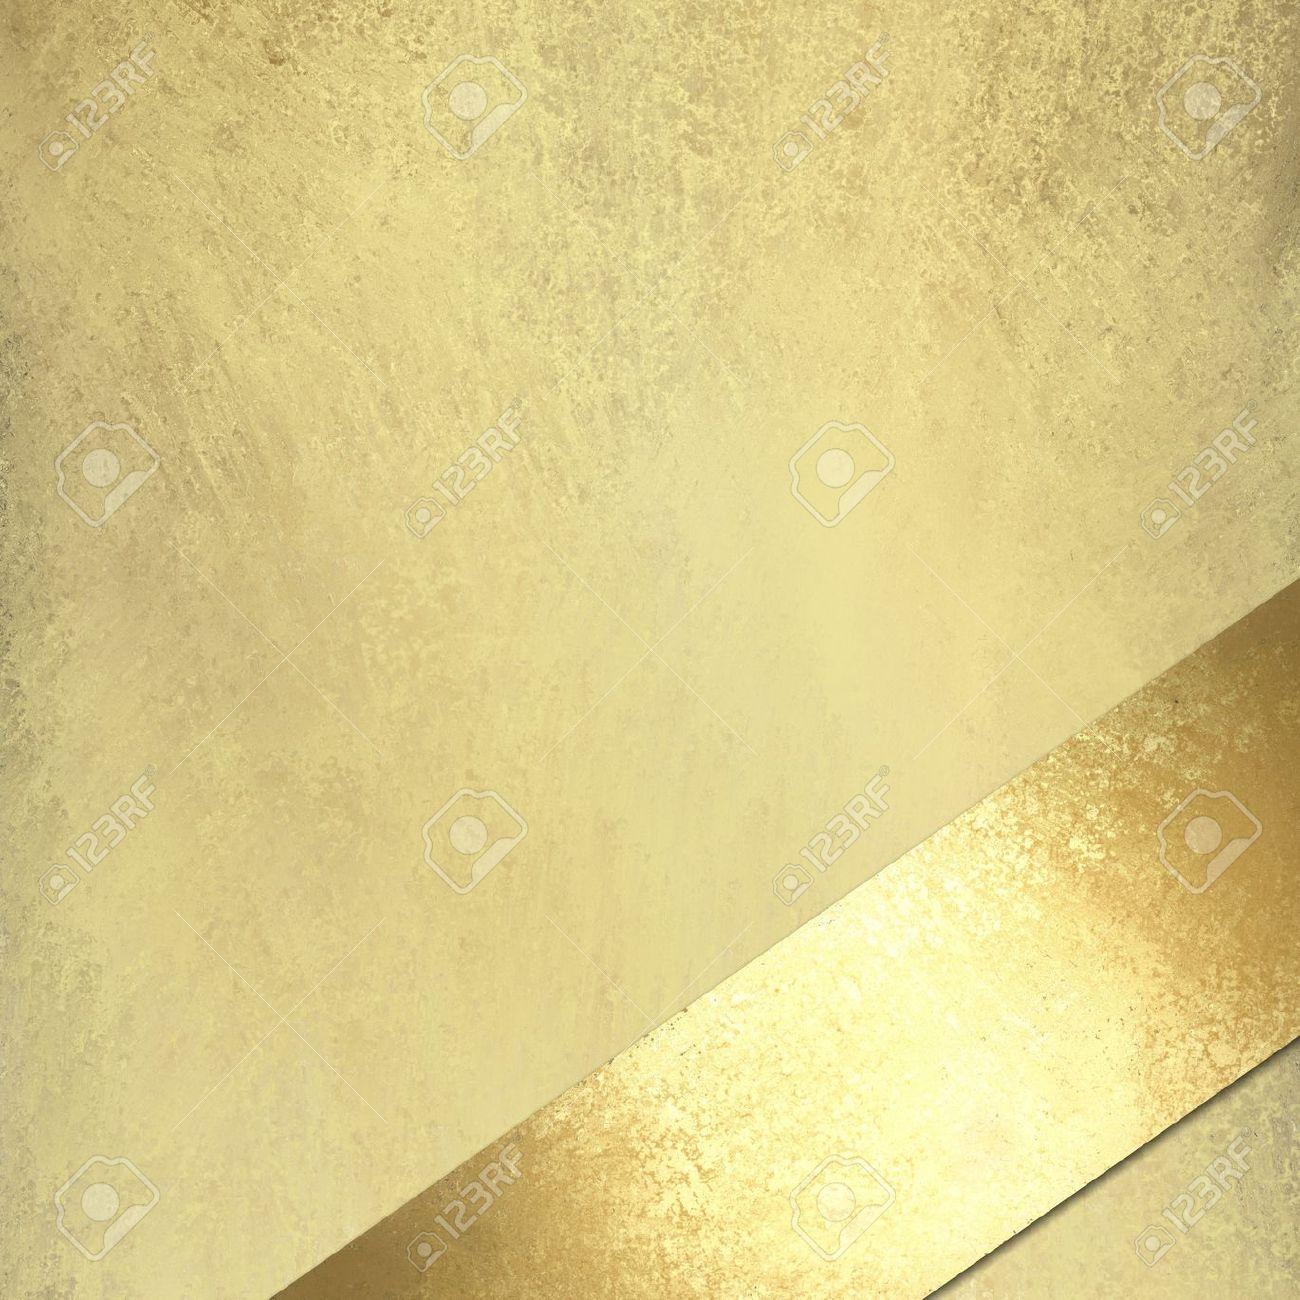 Licht Gold Hintergrund Mit Vintage-Grunge-Textur Mit Goldenen ...